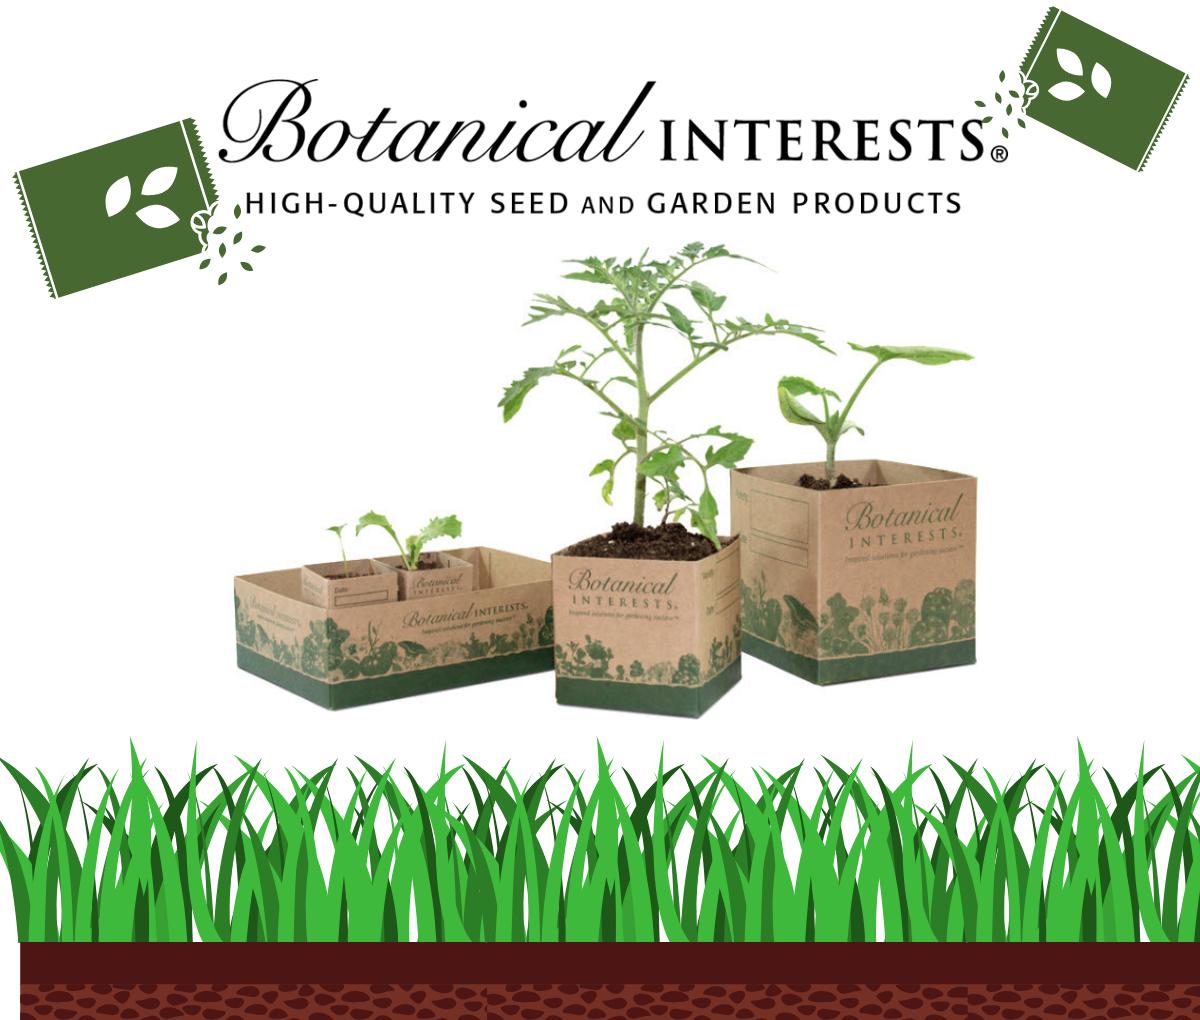 Botanical-Interests-2.png